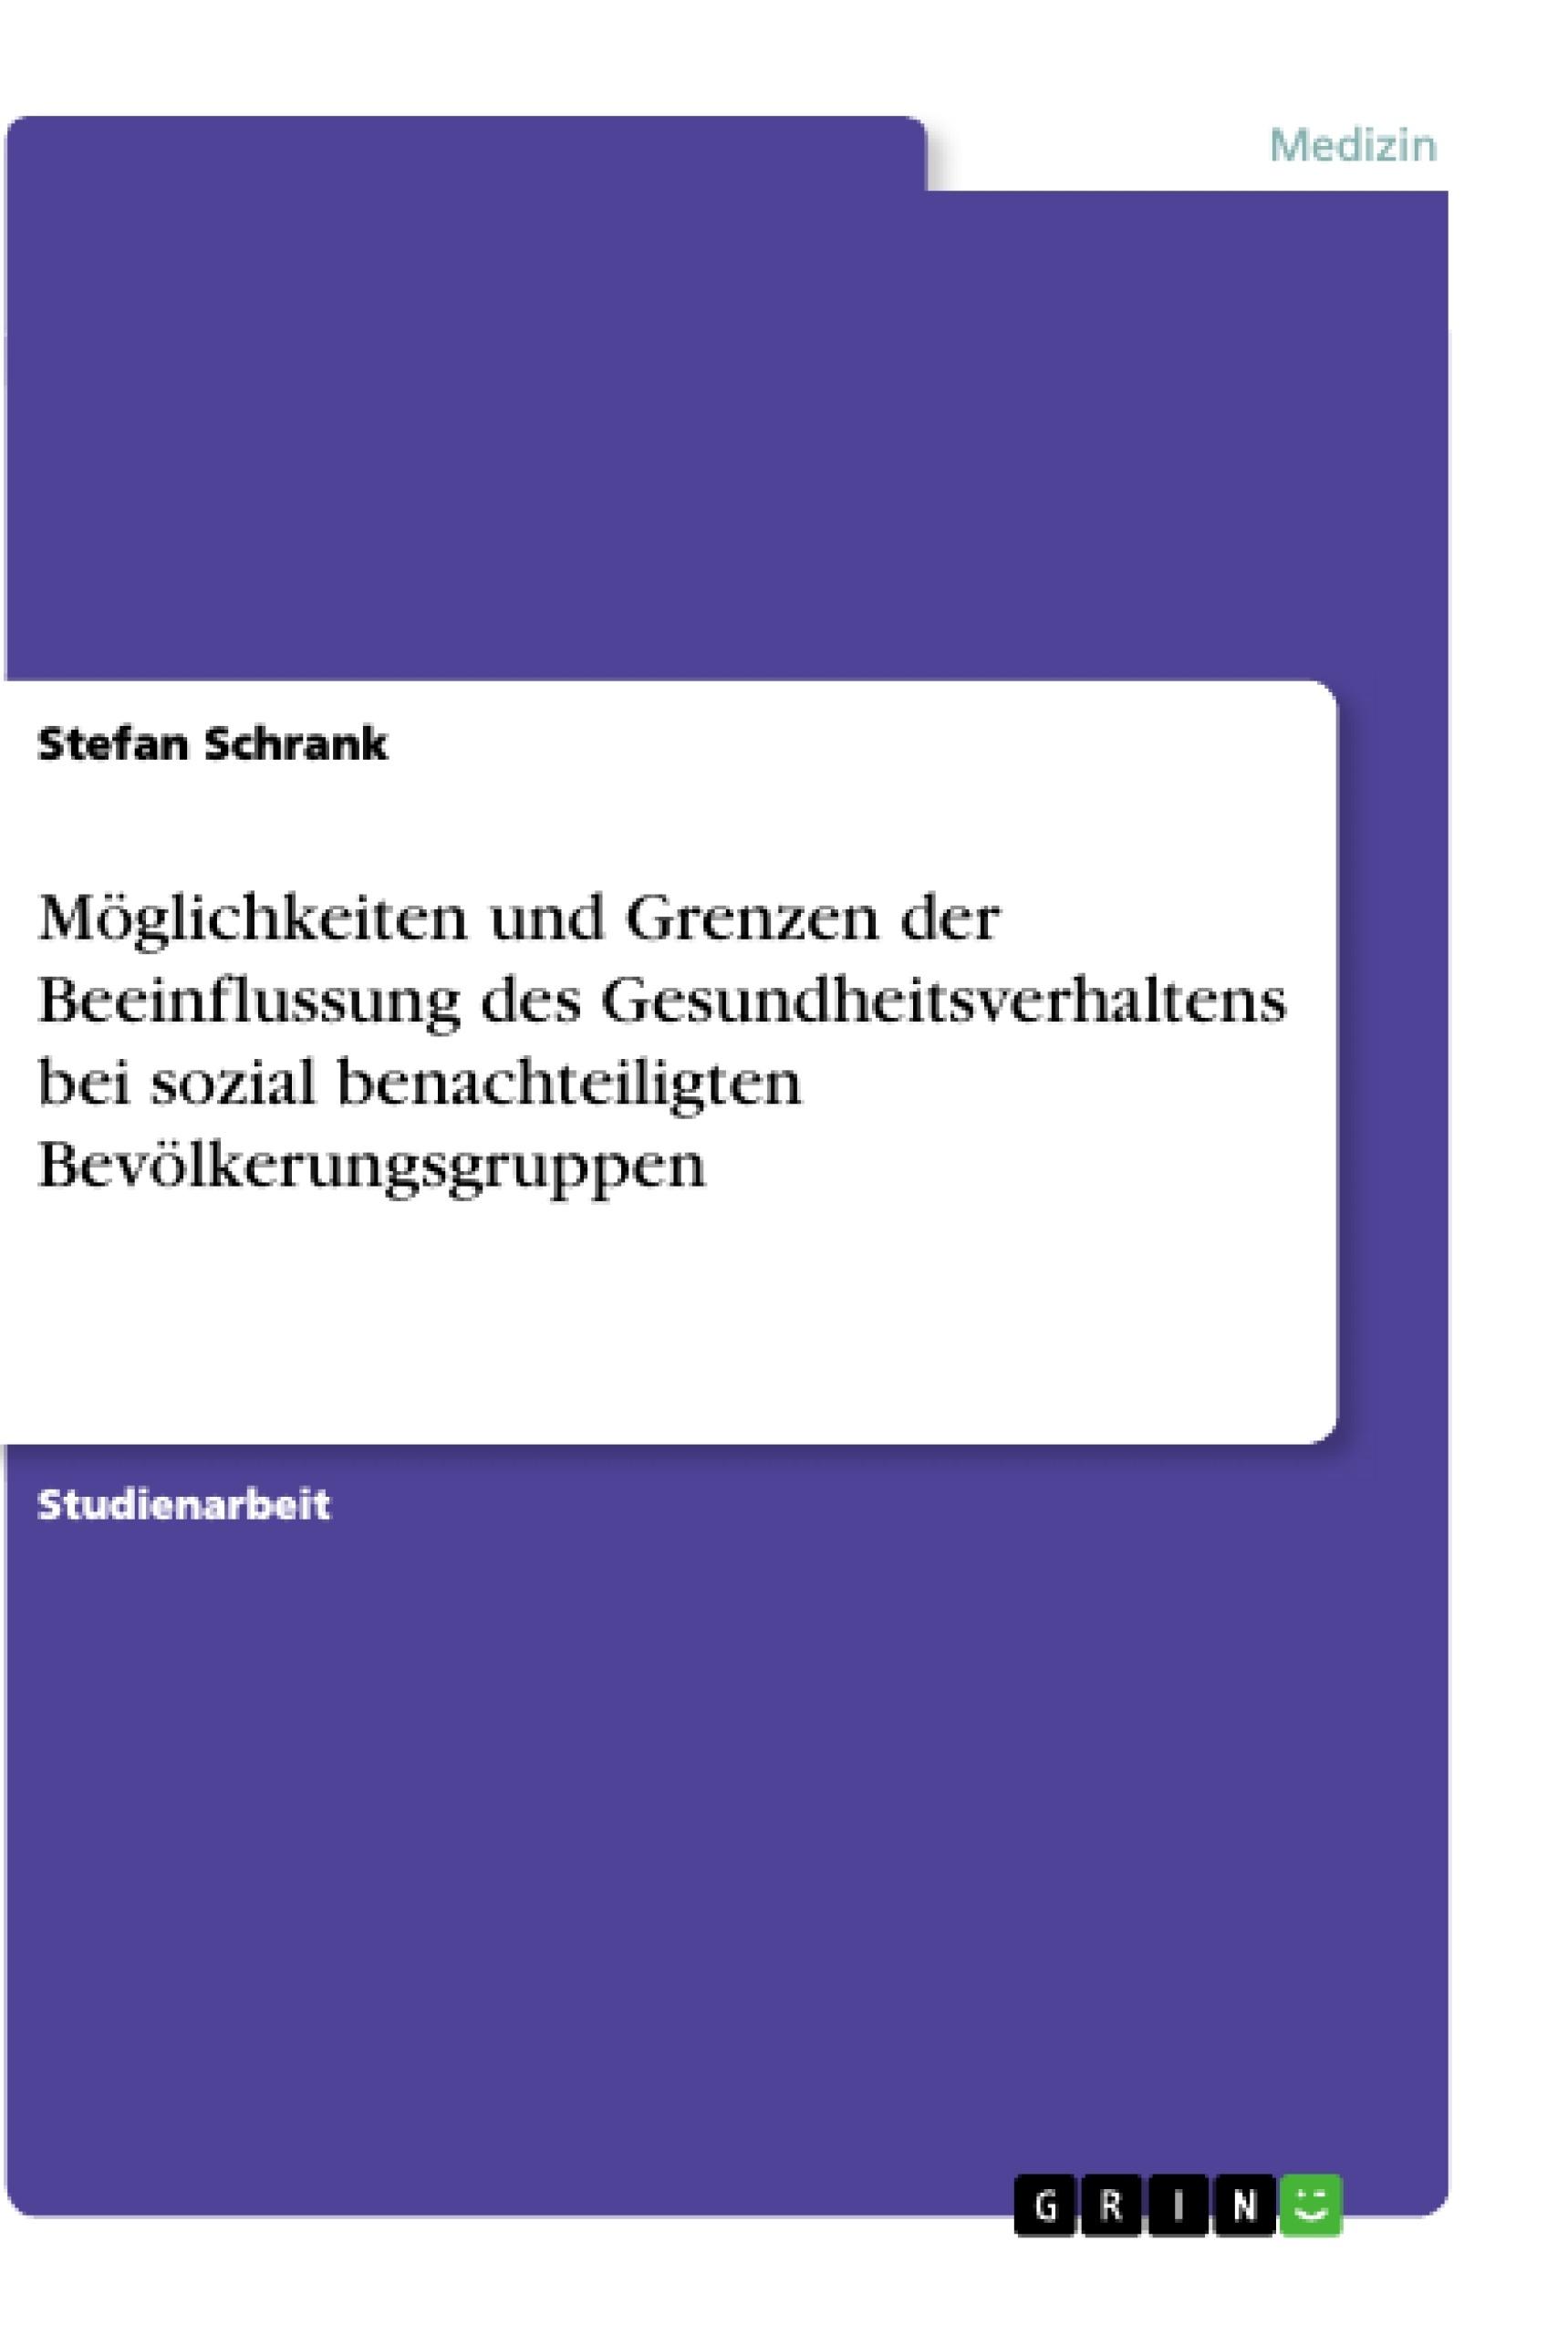 Titel: Möglichkeiten und Grenzen der Beeinflussung des Gesundheitsverhaltens bei sozial benachteiligten Bevölkerungsgruppen